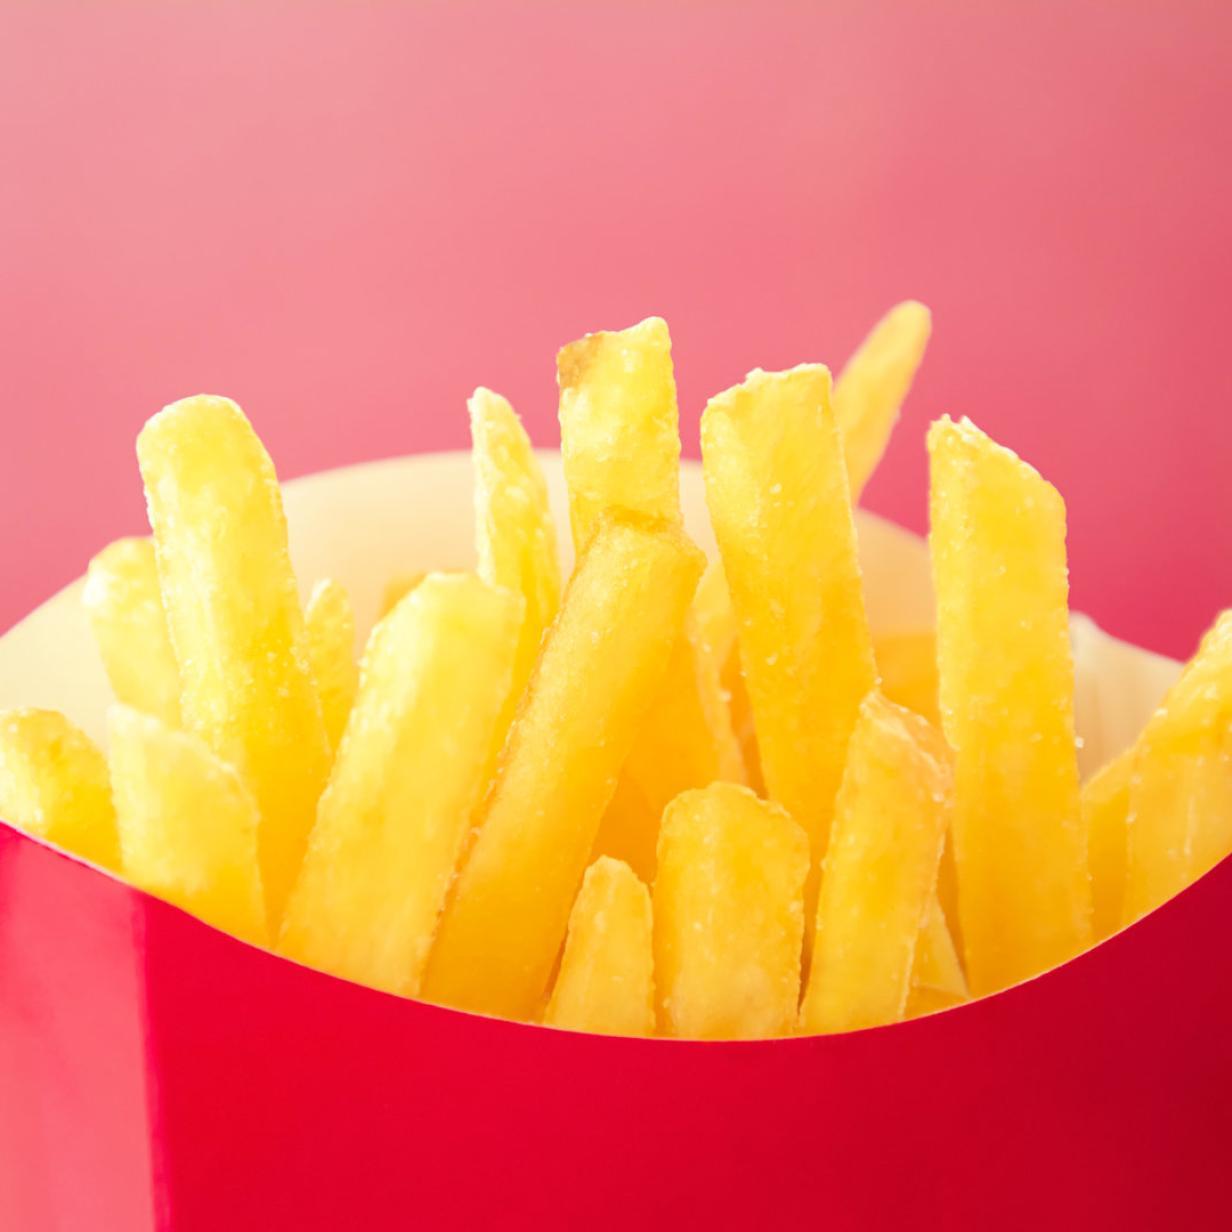 Warum sich die Fast-Food-Maschinerie dringend ändern muss